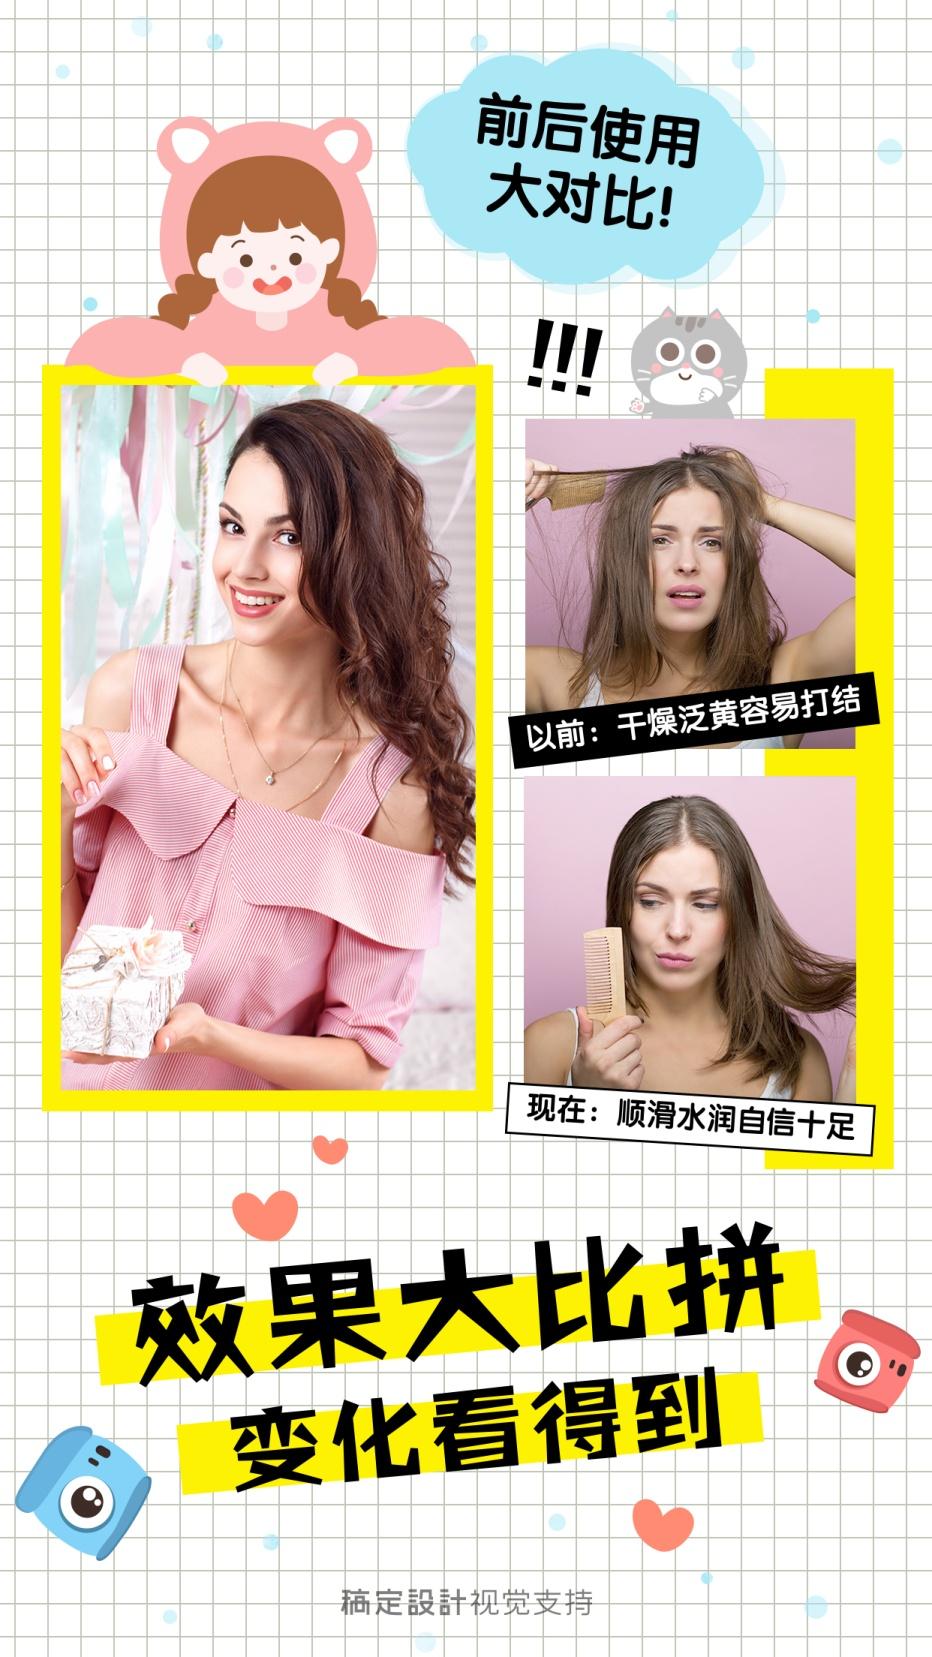 美容美妆产品使用前后对比